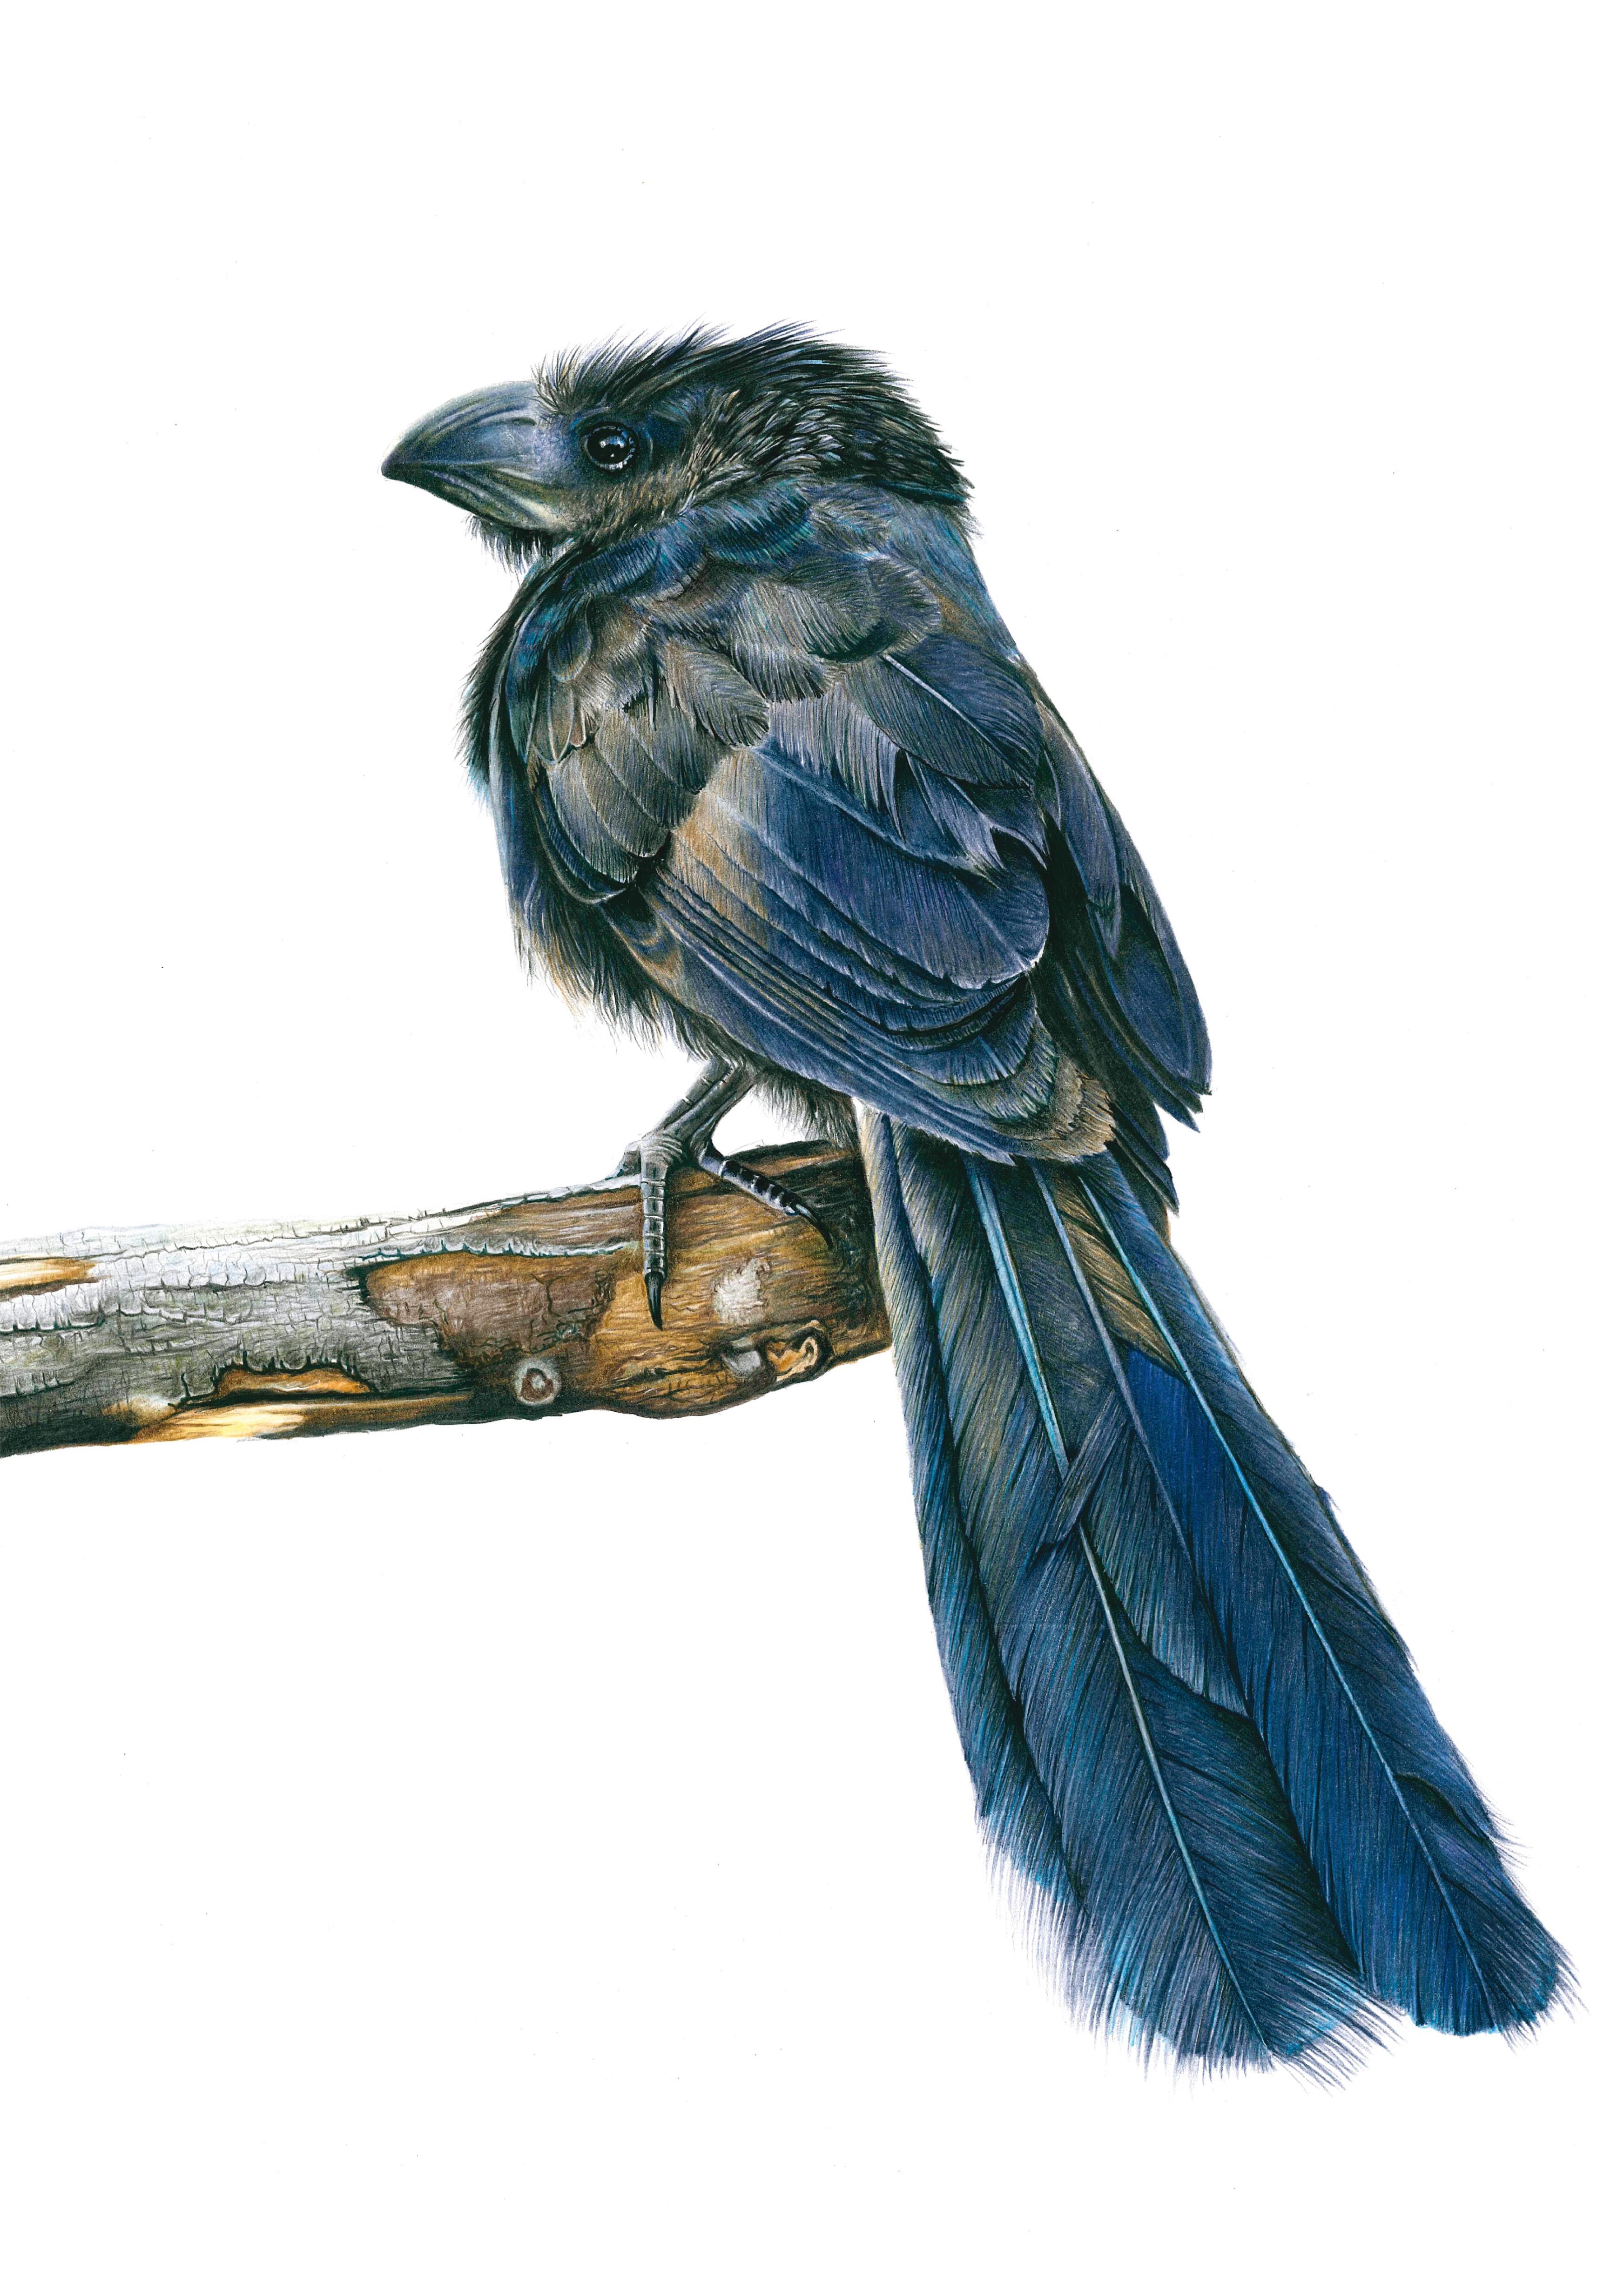 El matacaballos ('Crotophaga sulcirostris'), de Camilo E. Maldonado (Chile), ganadora del Premio del público en la séptima edición. Imagen: MNCN